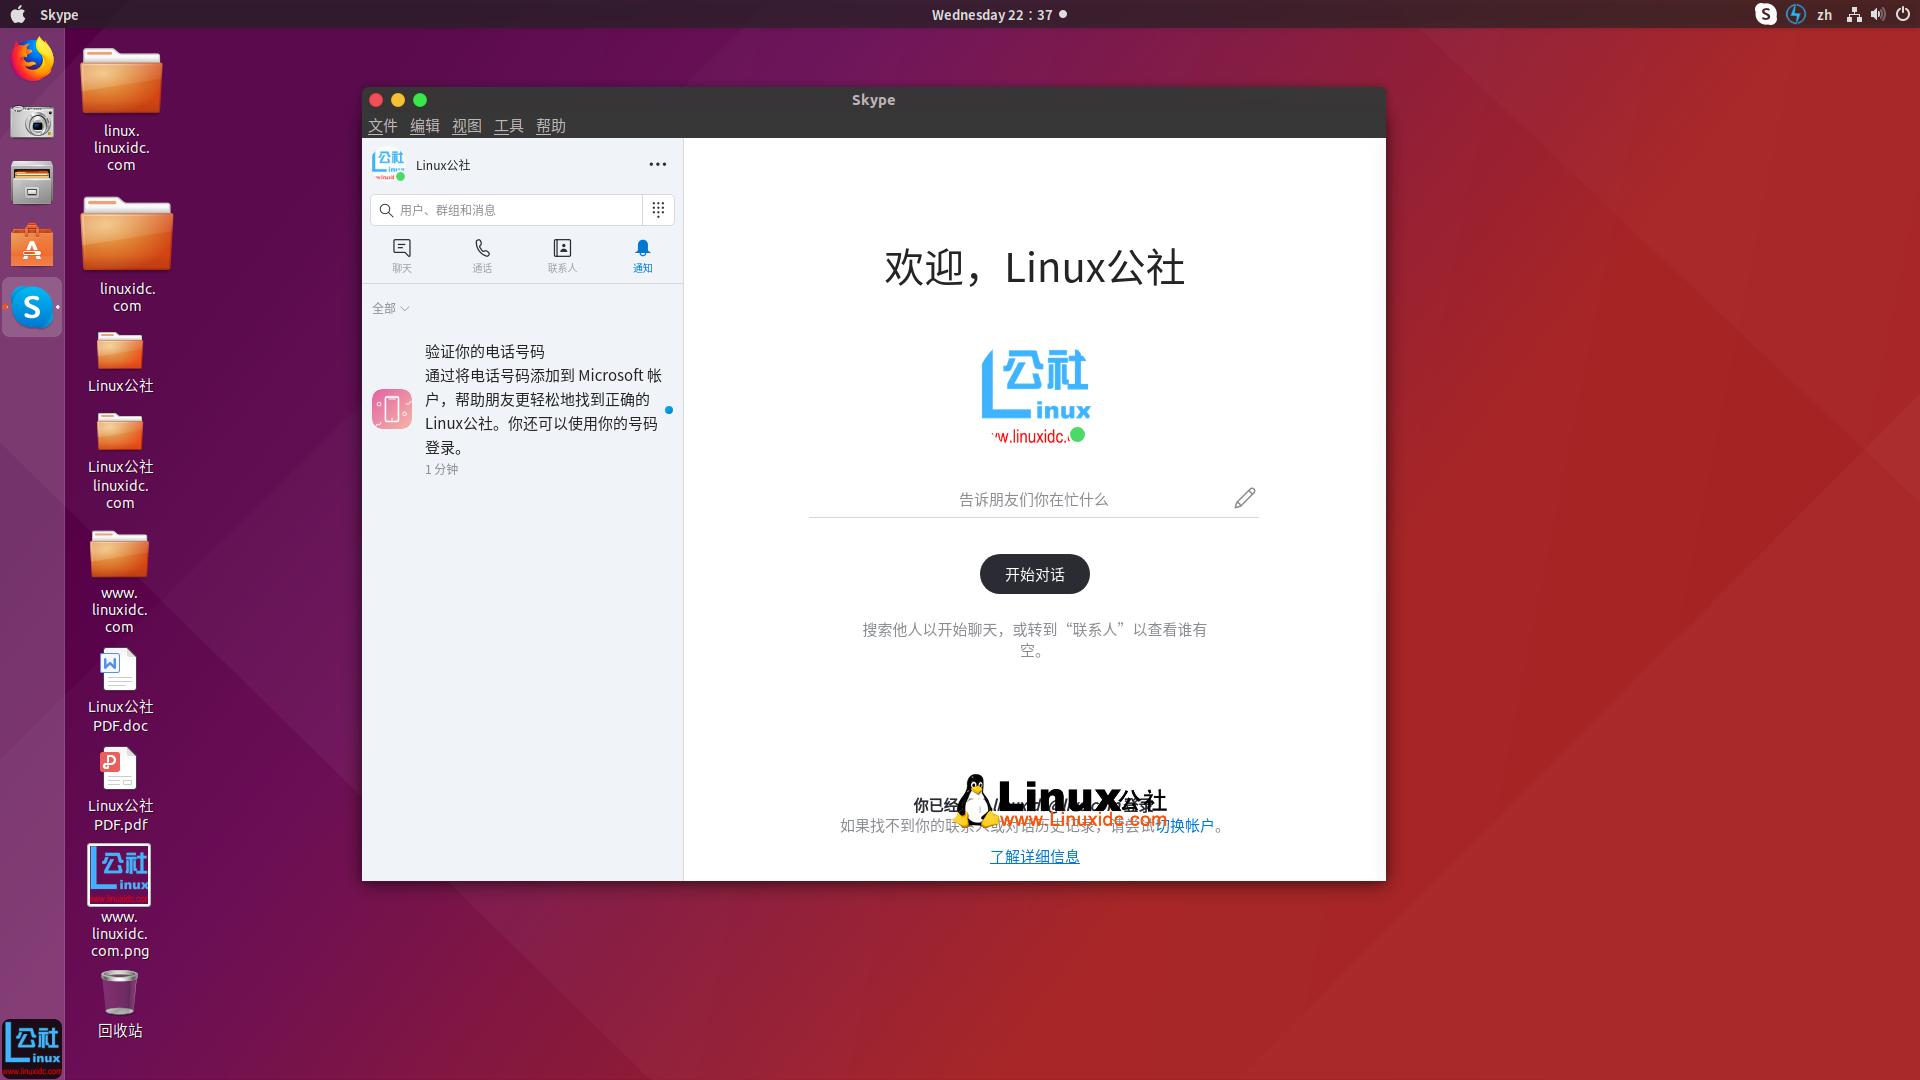 如何在Linux上安装最新Skype